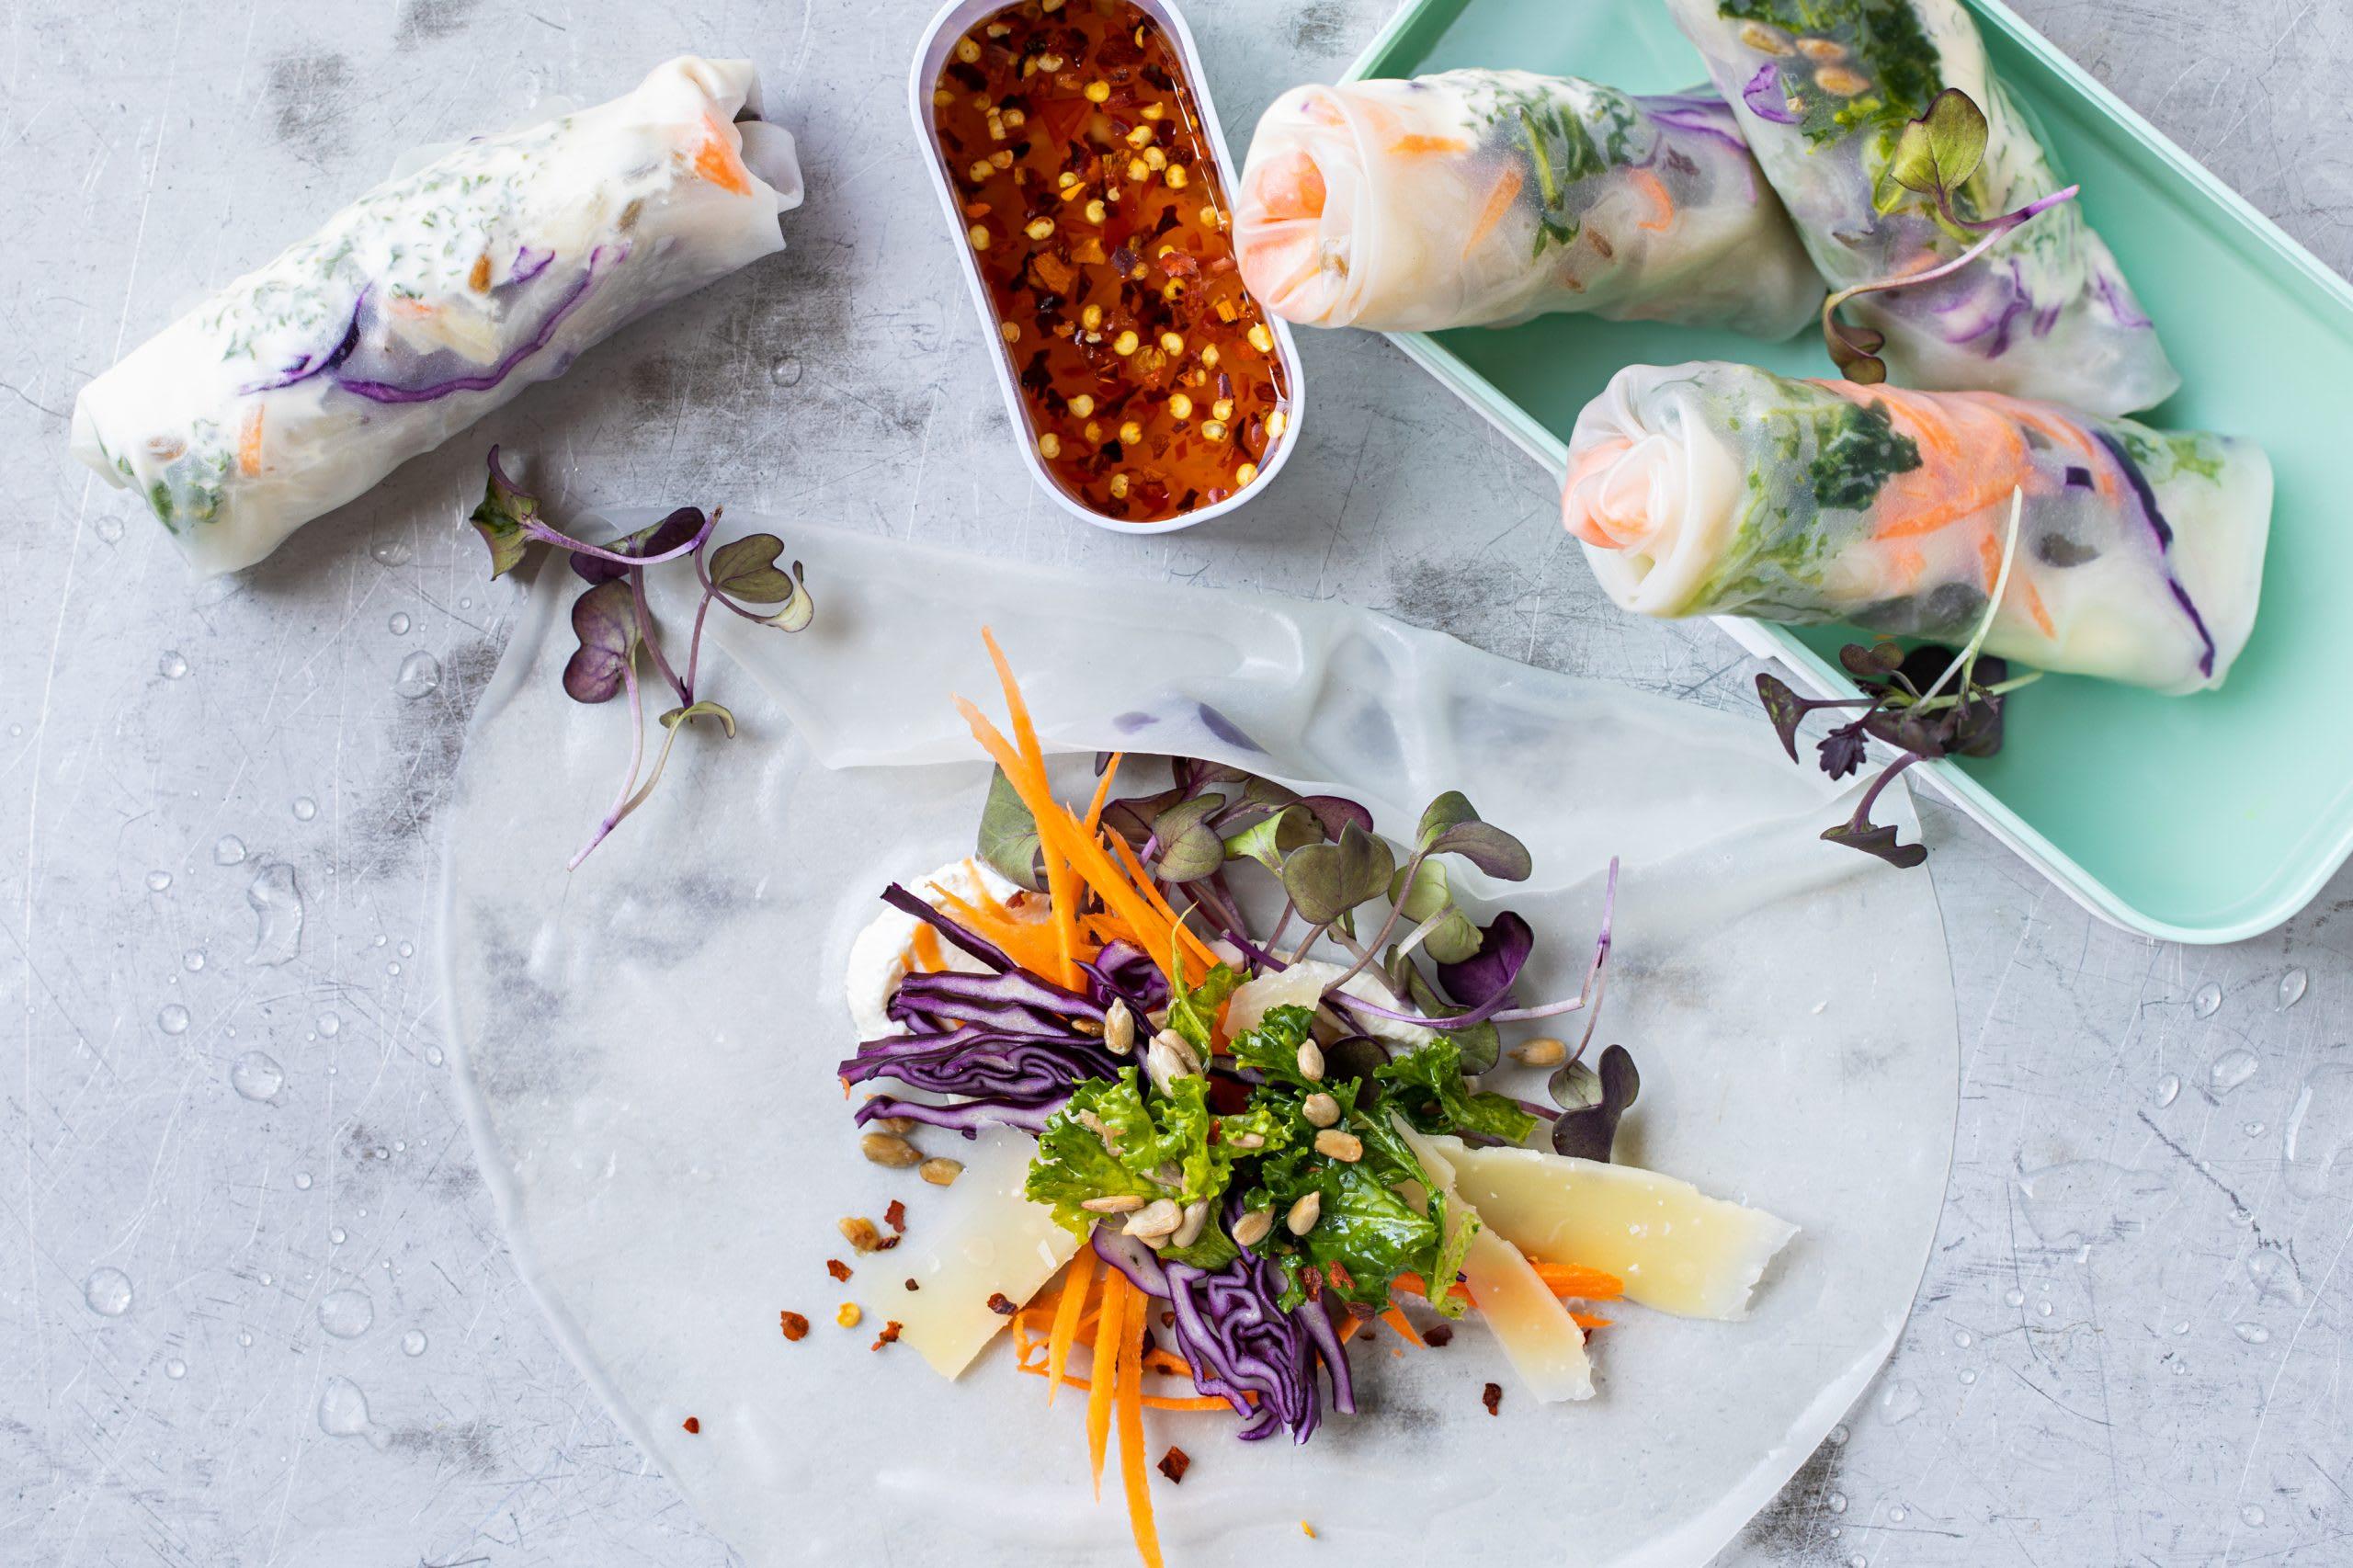 Rouleaux de printemps au chou kale et aux micropousses (low carb)